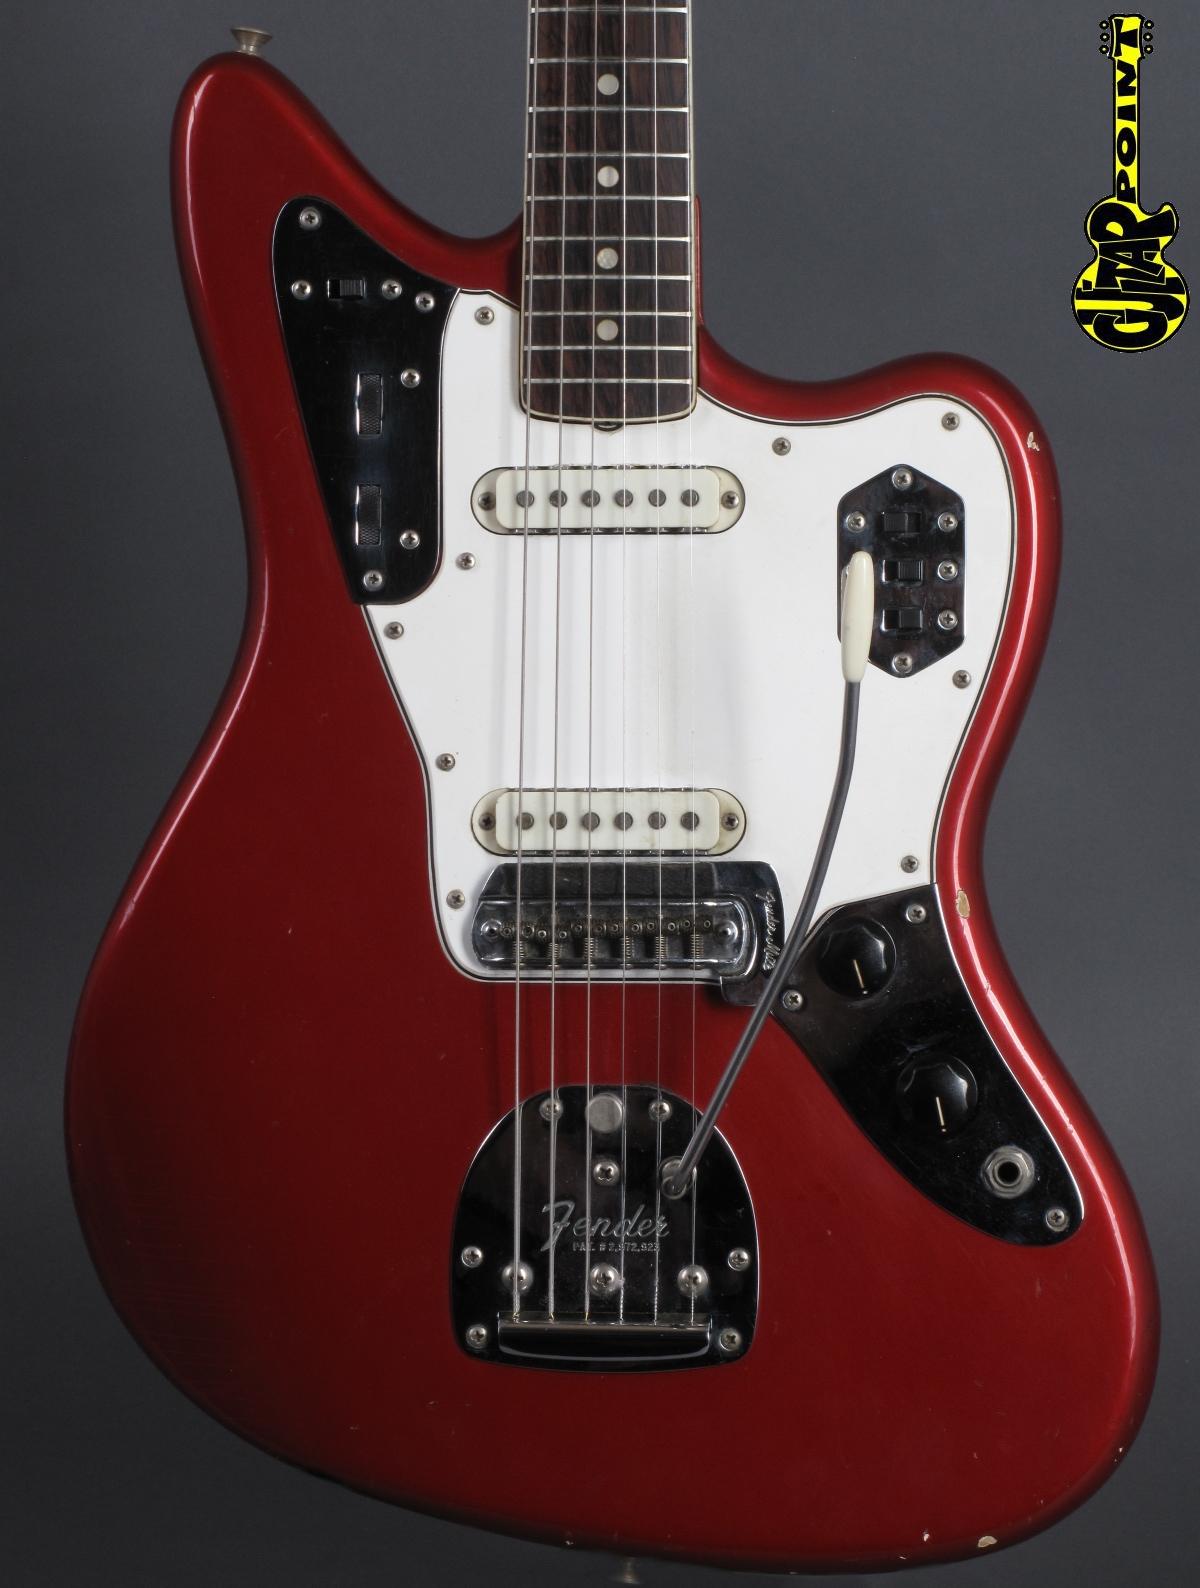 1965 Fender Jaguar – Candy Apple Red